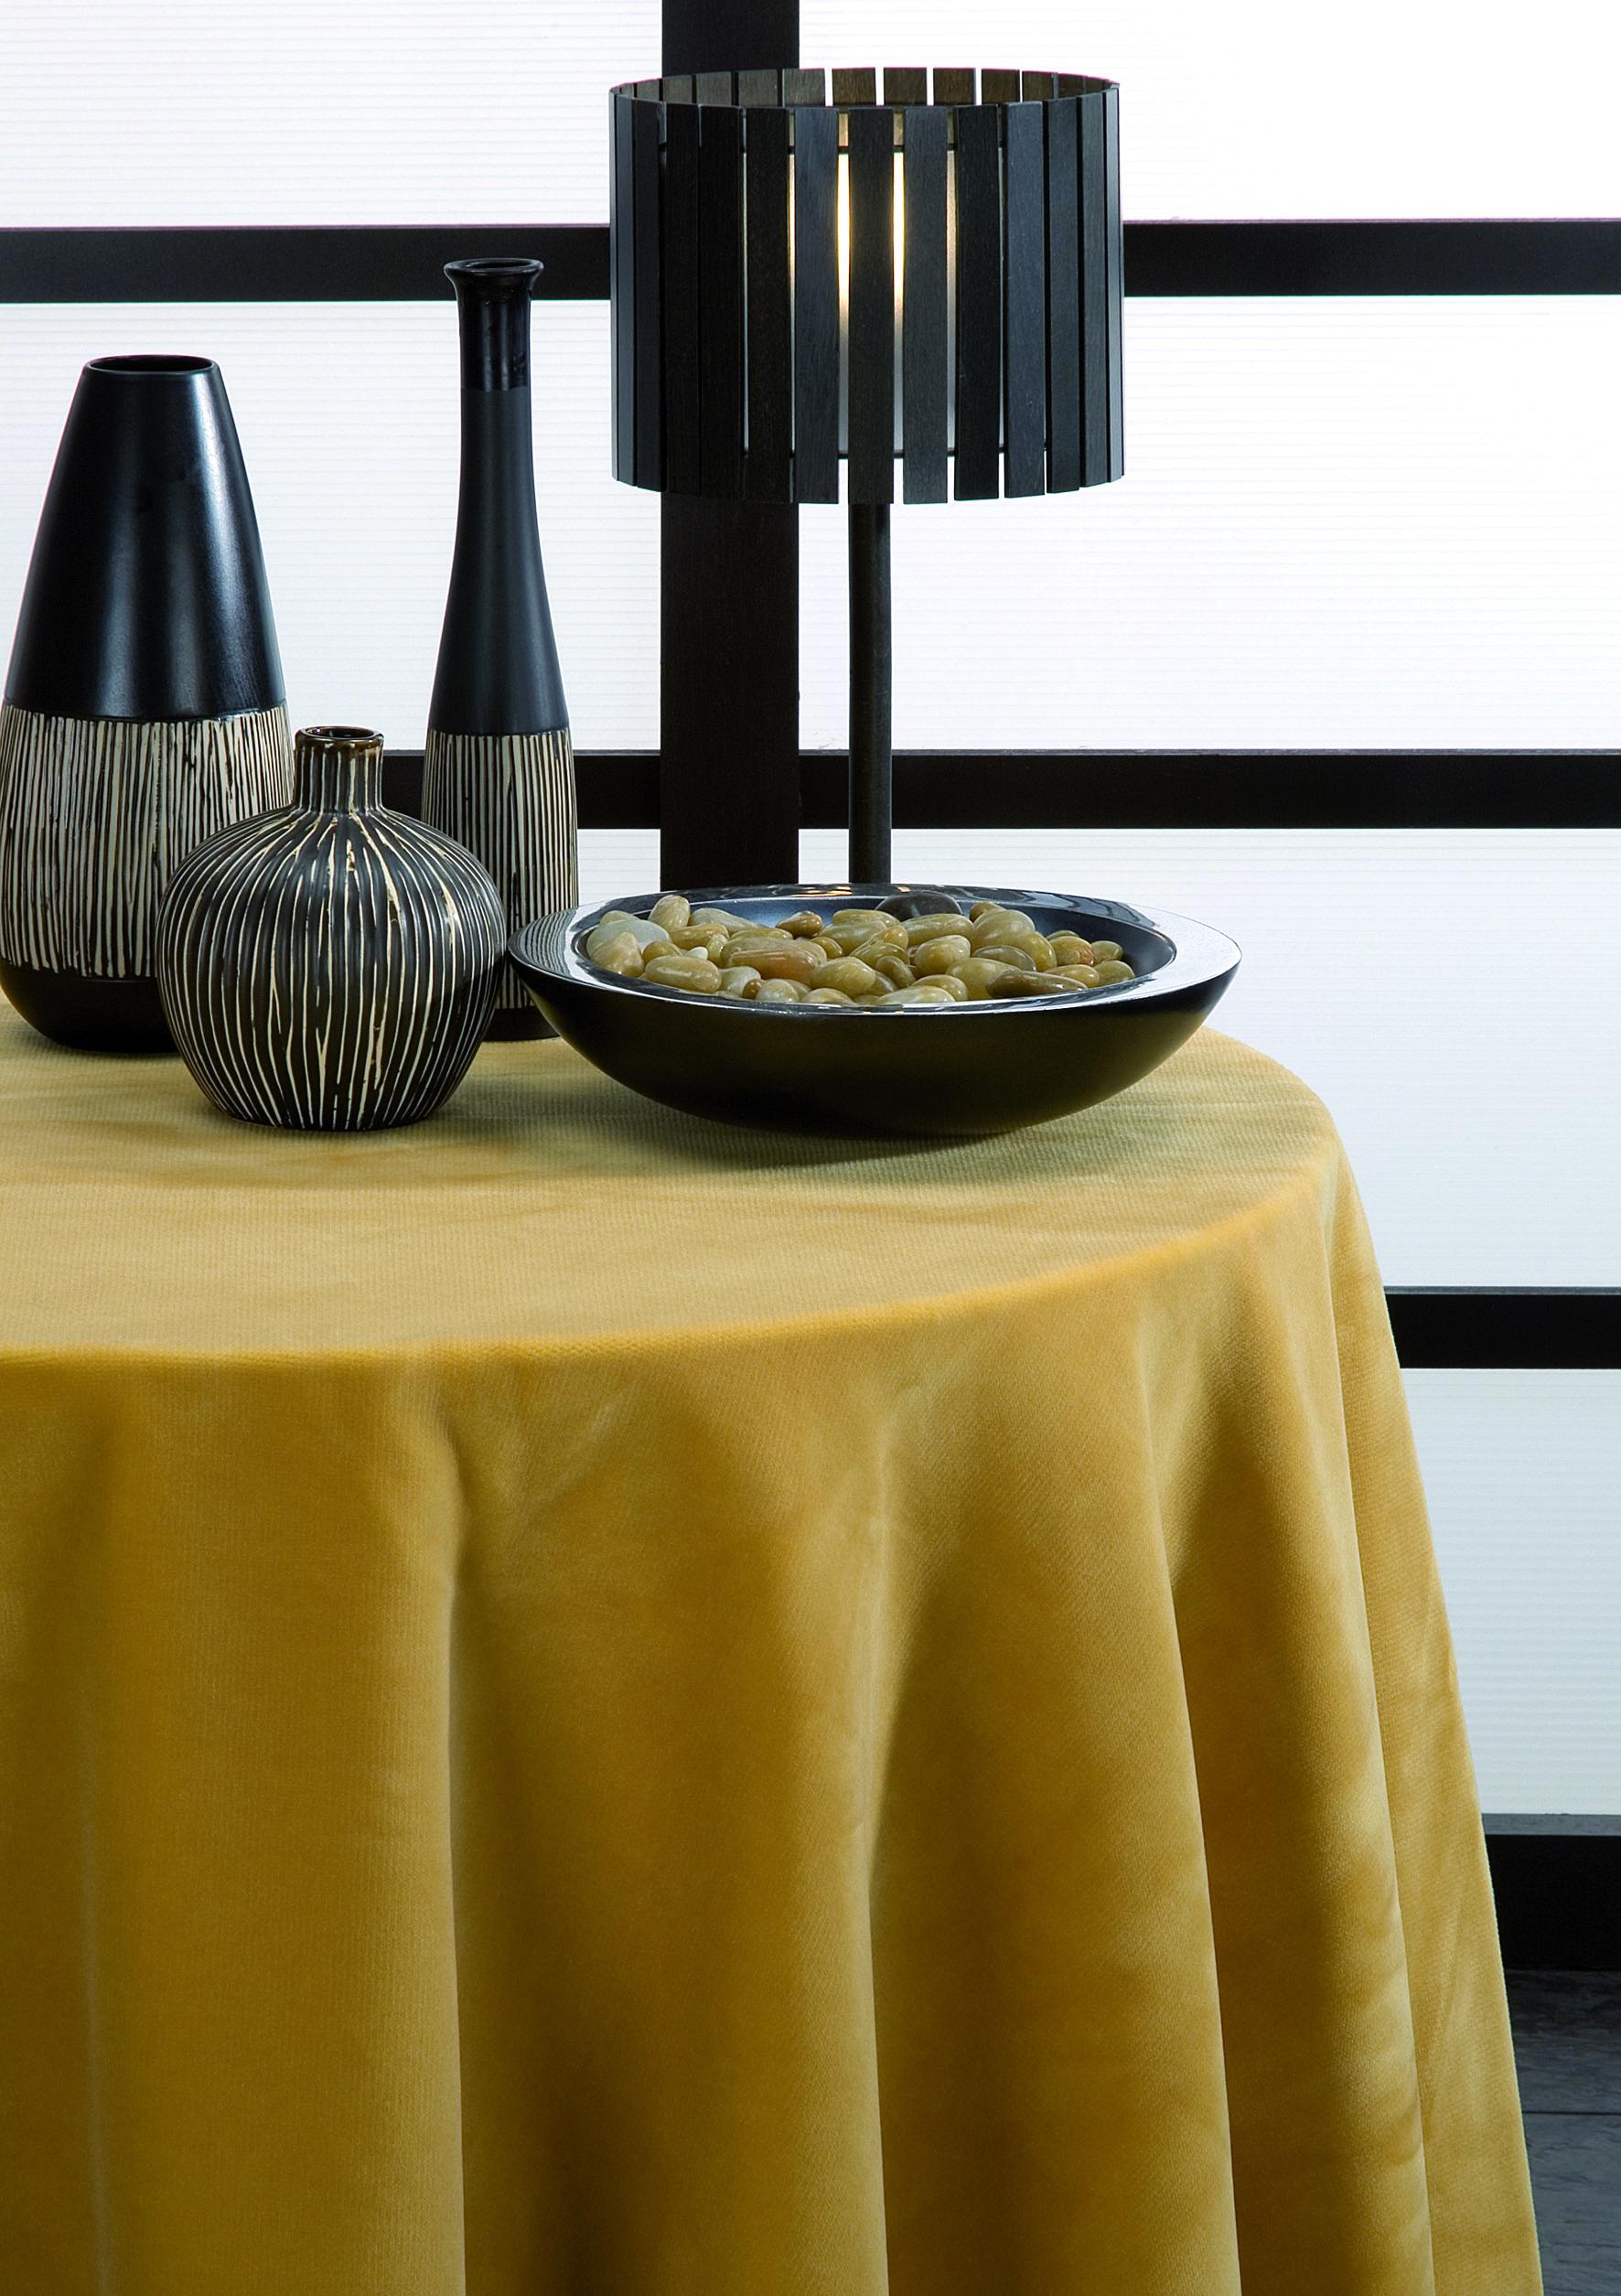 Falda mesa camilla la huerta valenciana for Falda mesa camilla carrefour